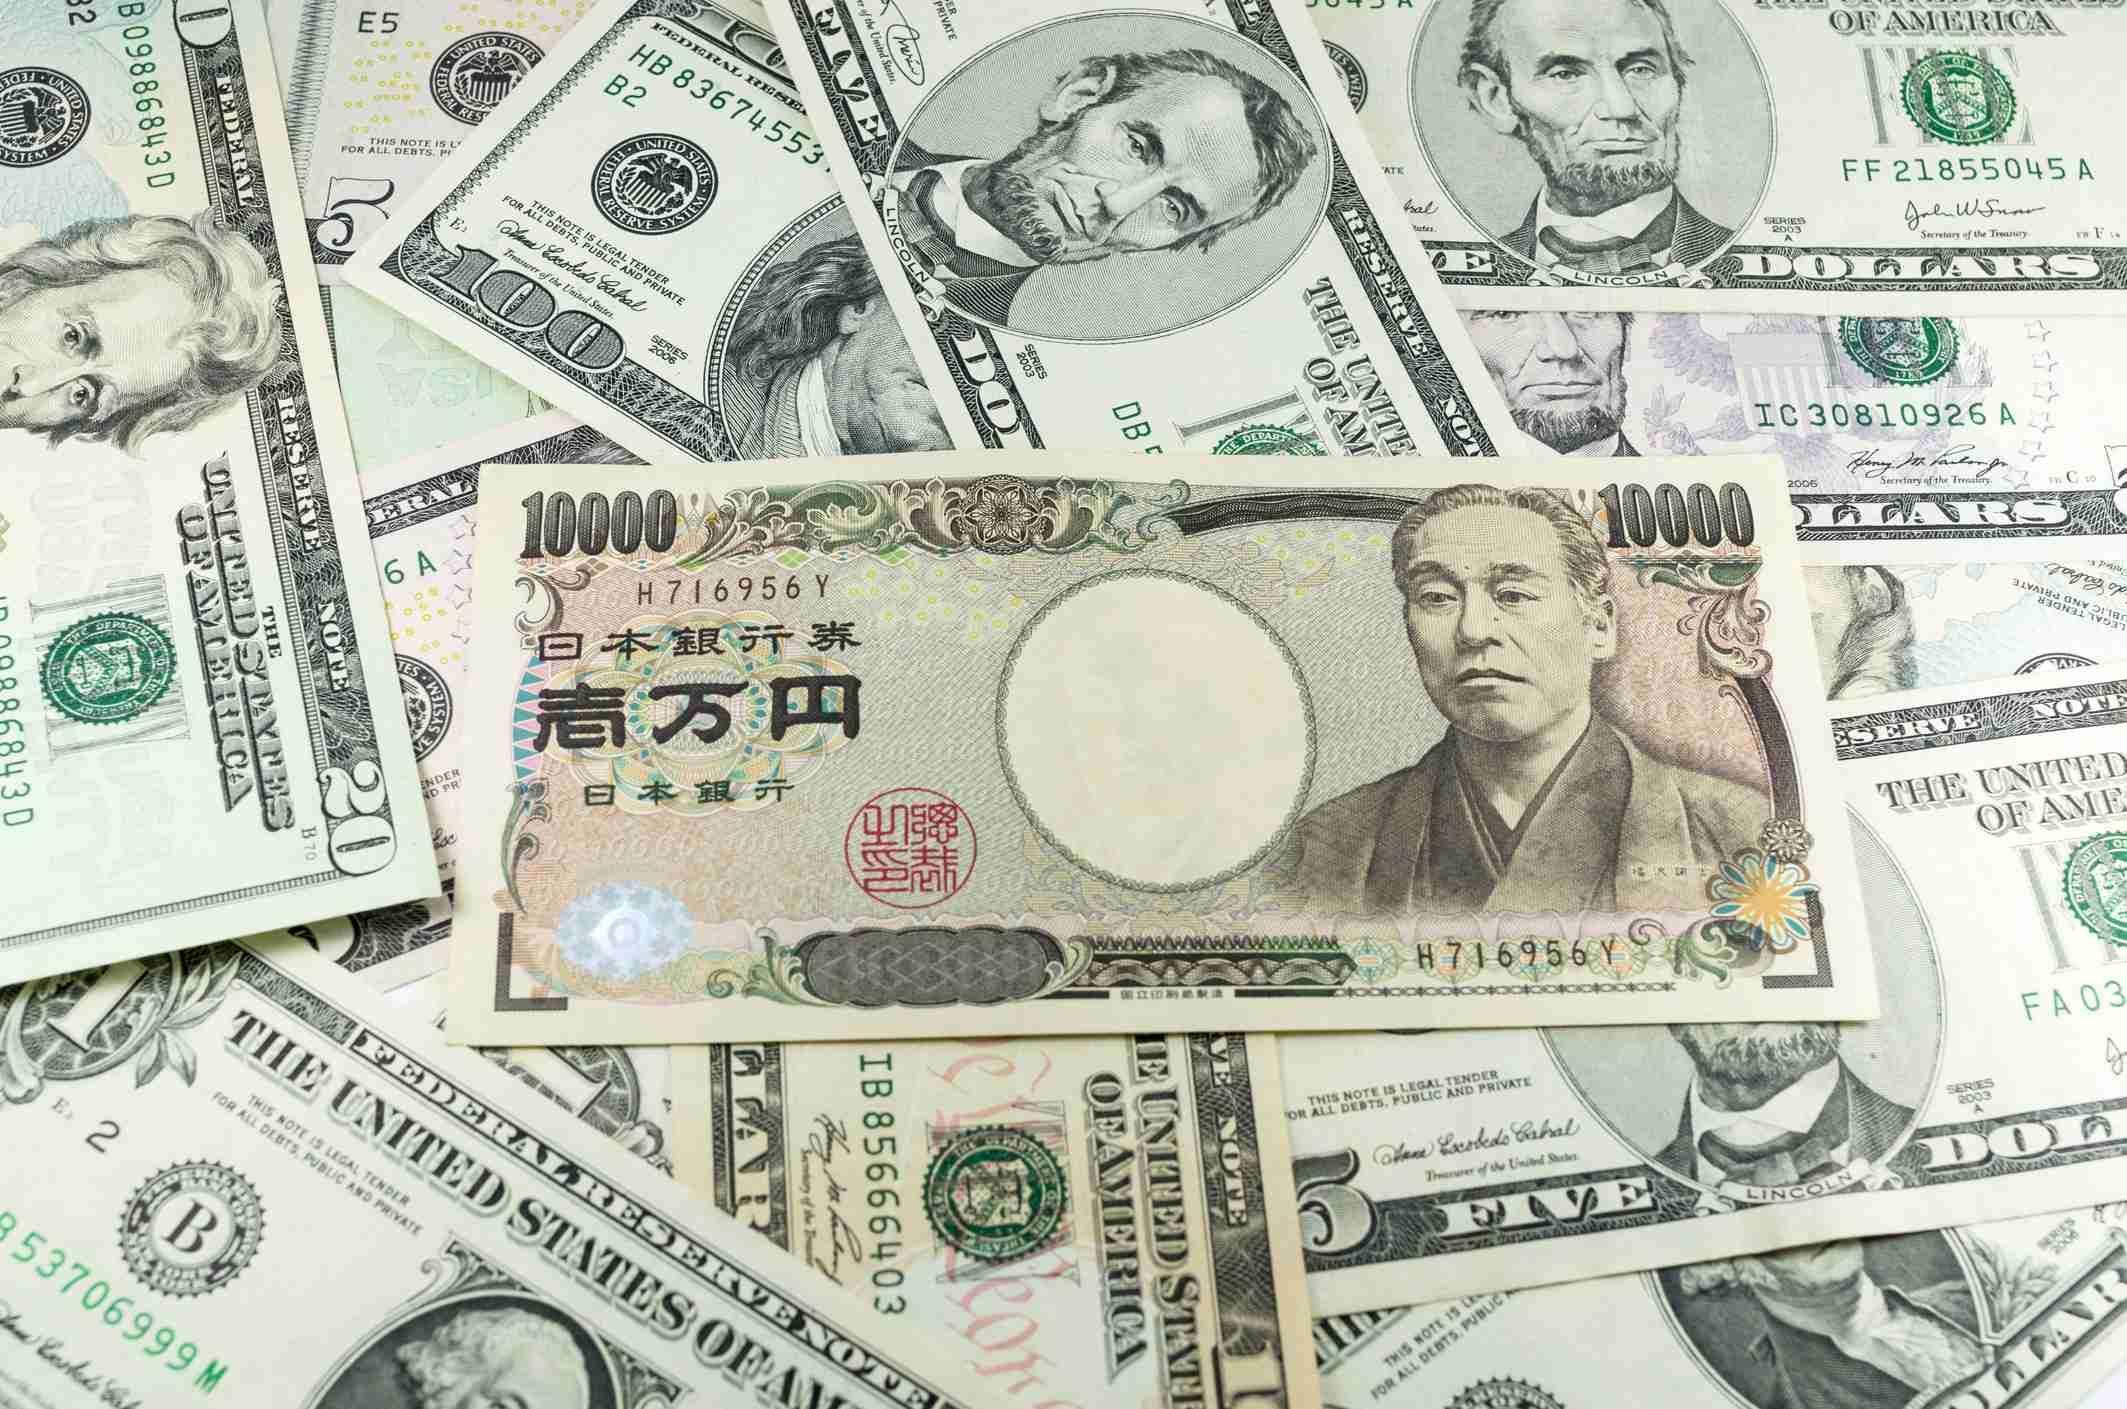 Чтобы составить грамотный USD/JPY прогноз, делец должен определить ключевые факторы влияния на котировку.